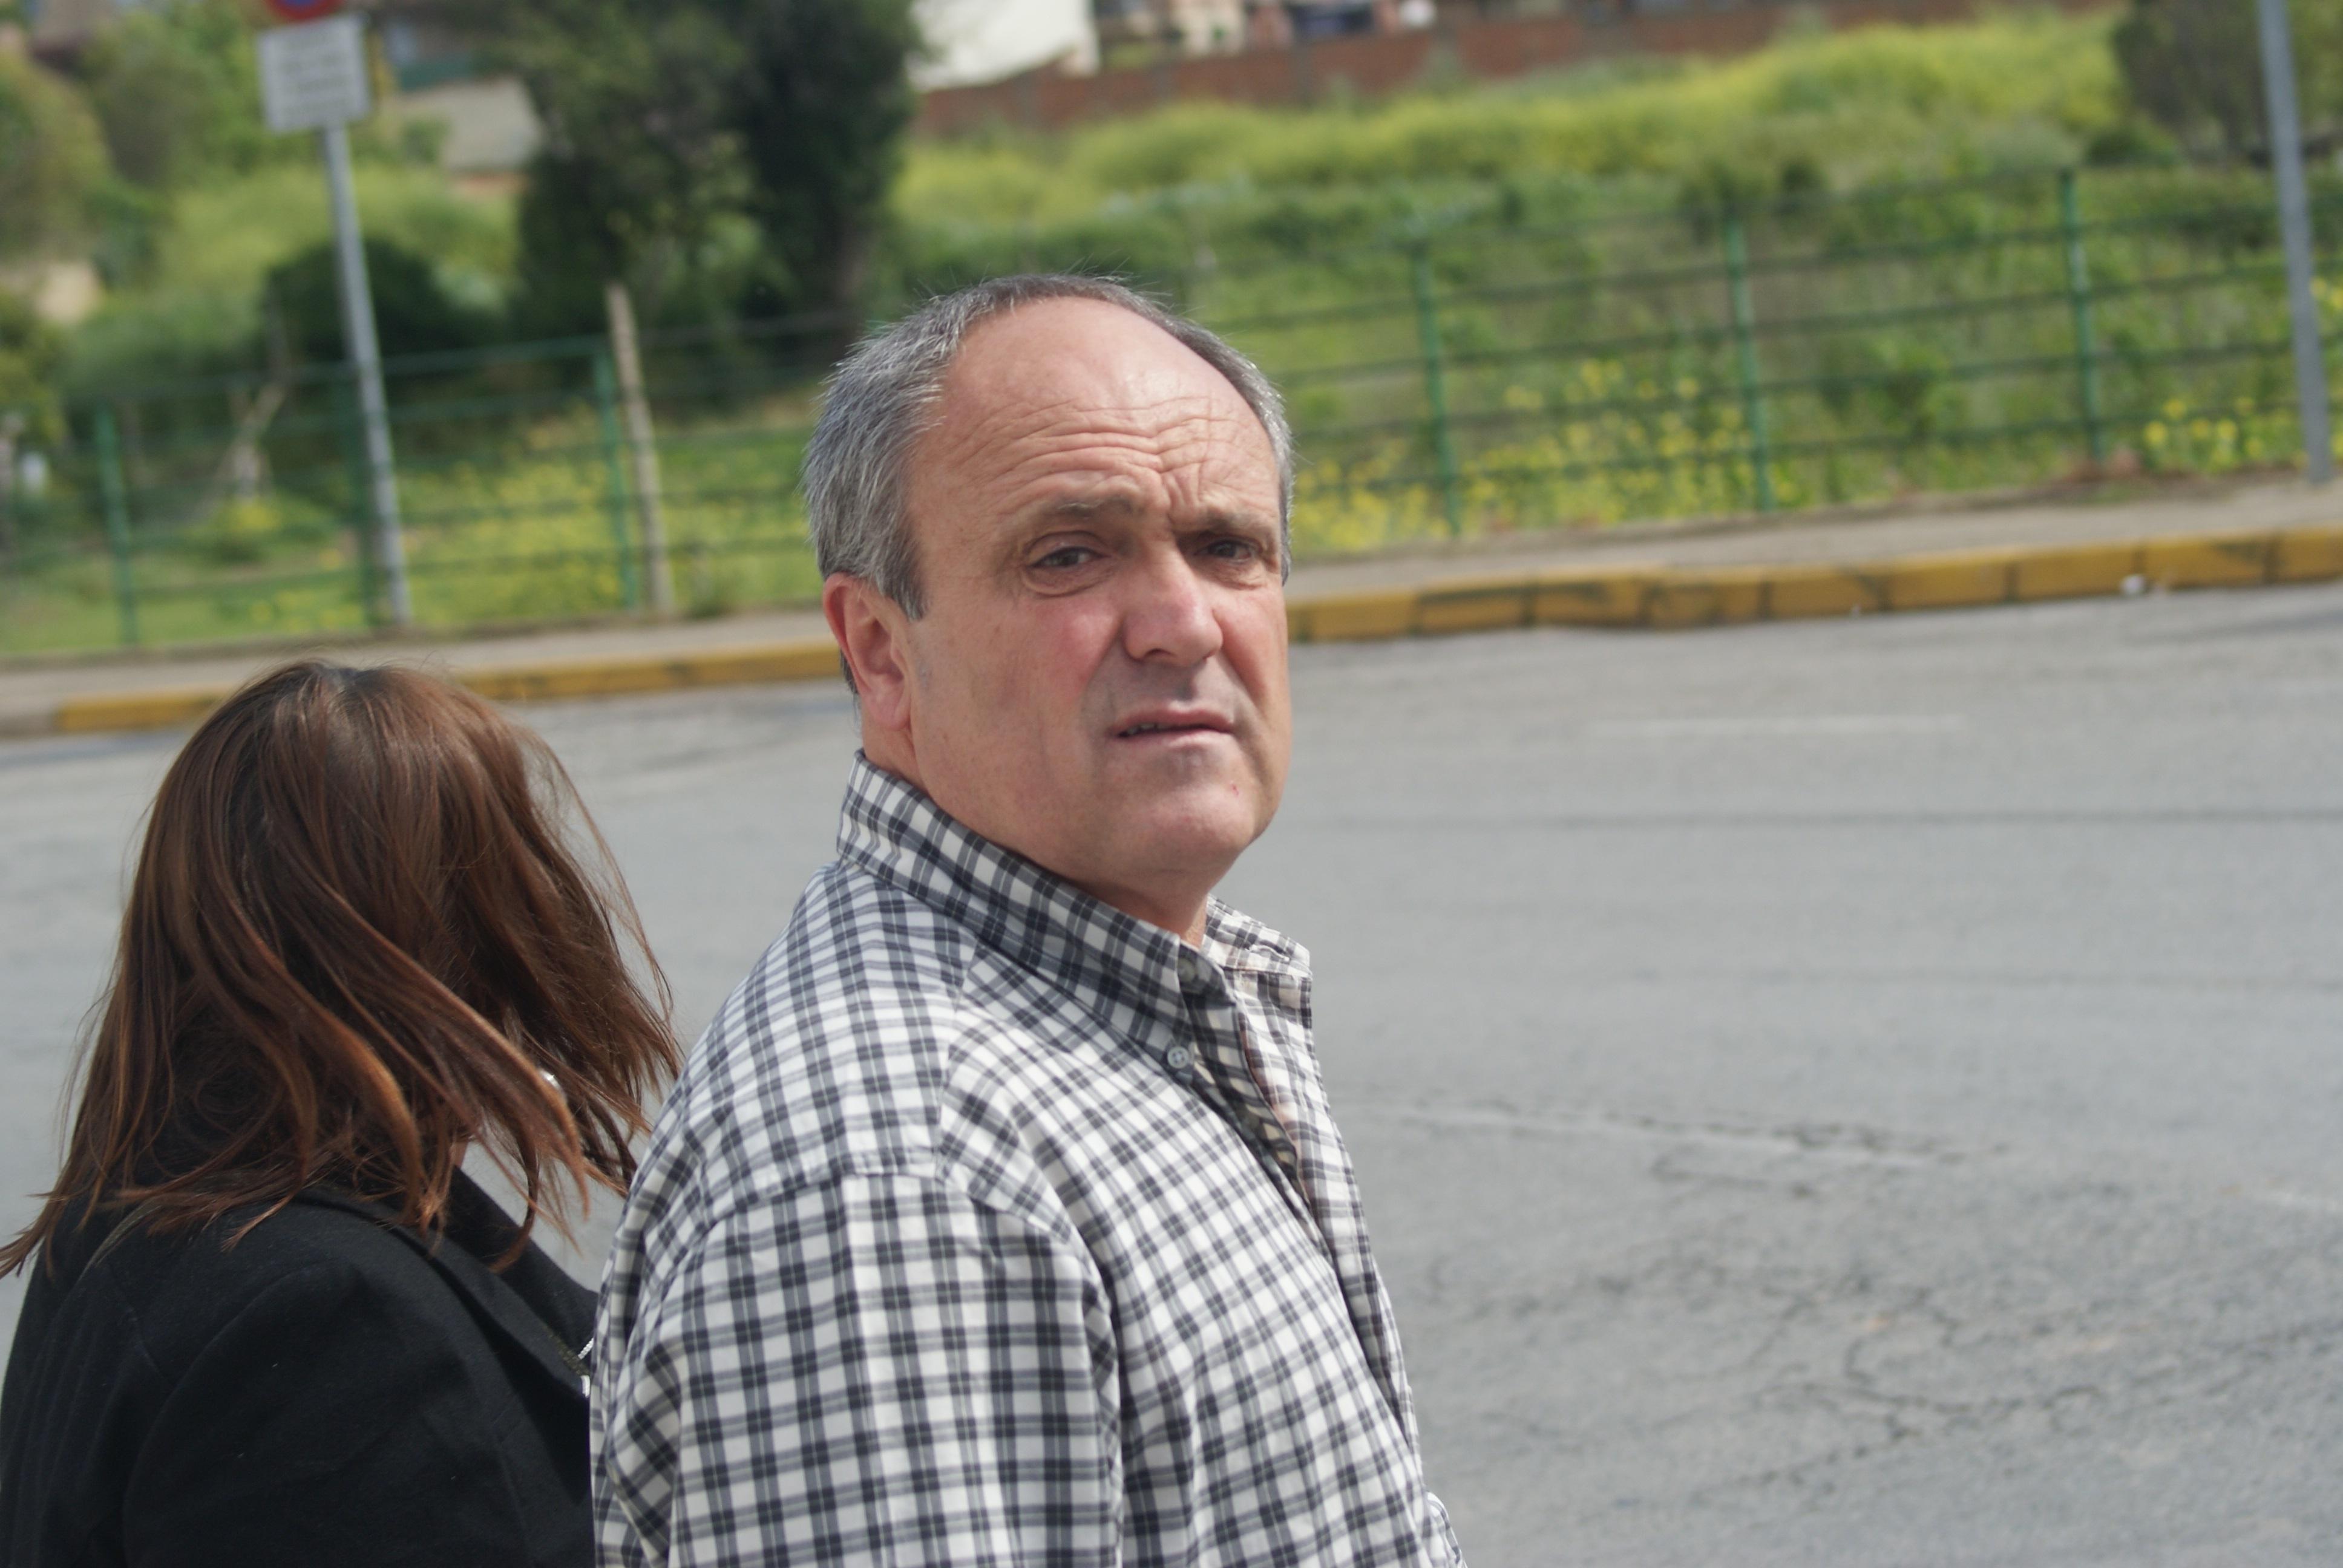 El disidente Valentín Lasarte pide perdón a los guardia civiles contra los que atentó: «Lamento el daño que causé»